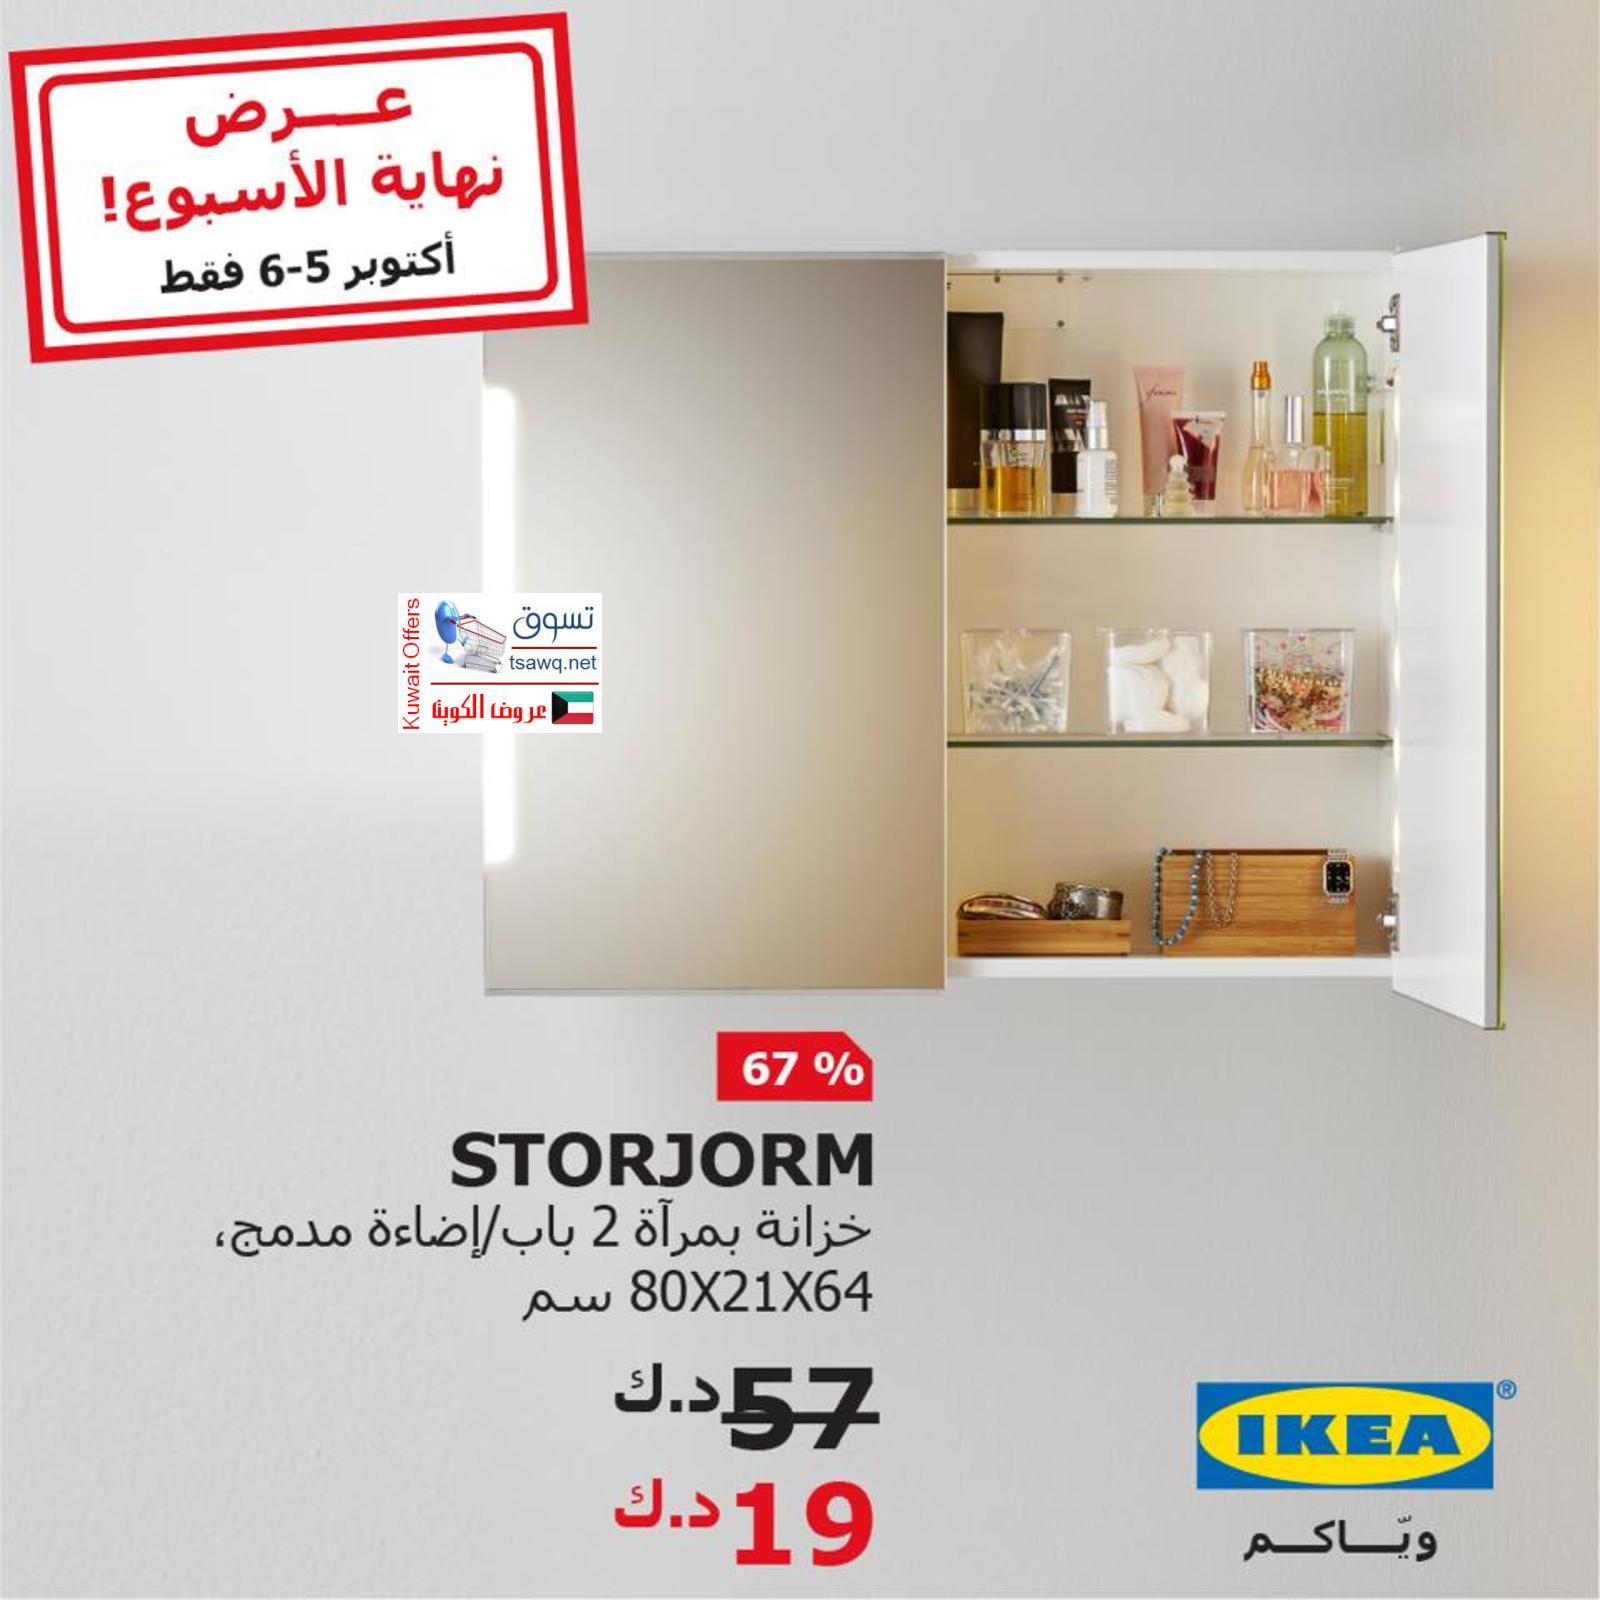 Calaméo - Tsawq Net Ikea Kuwait 05 10 2018